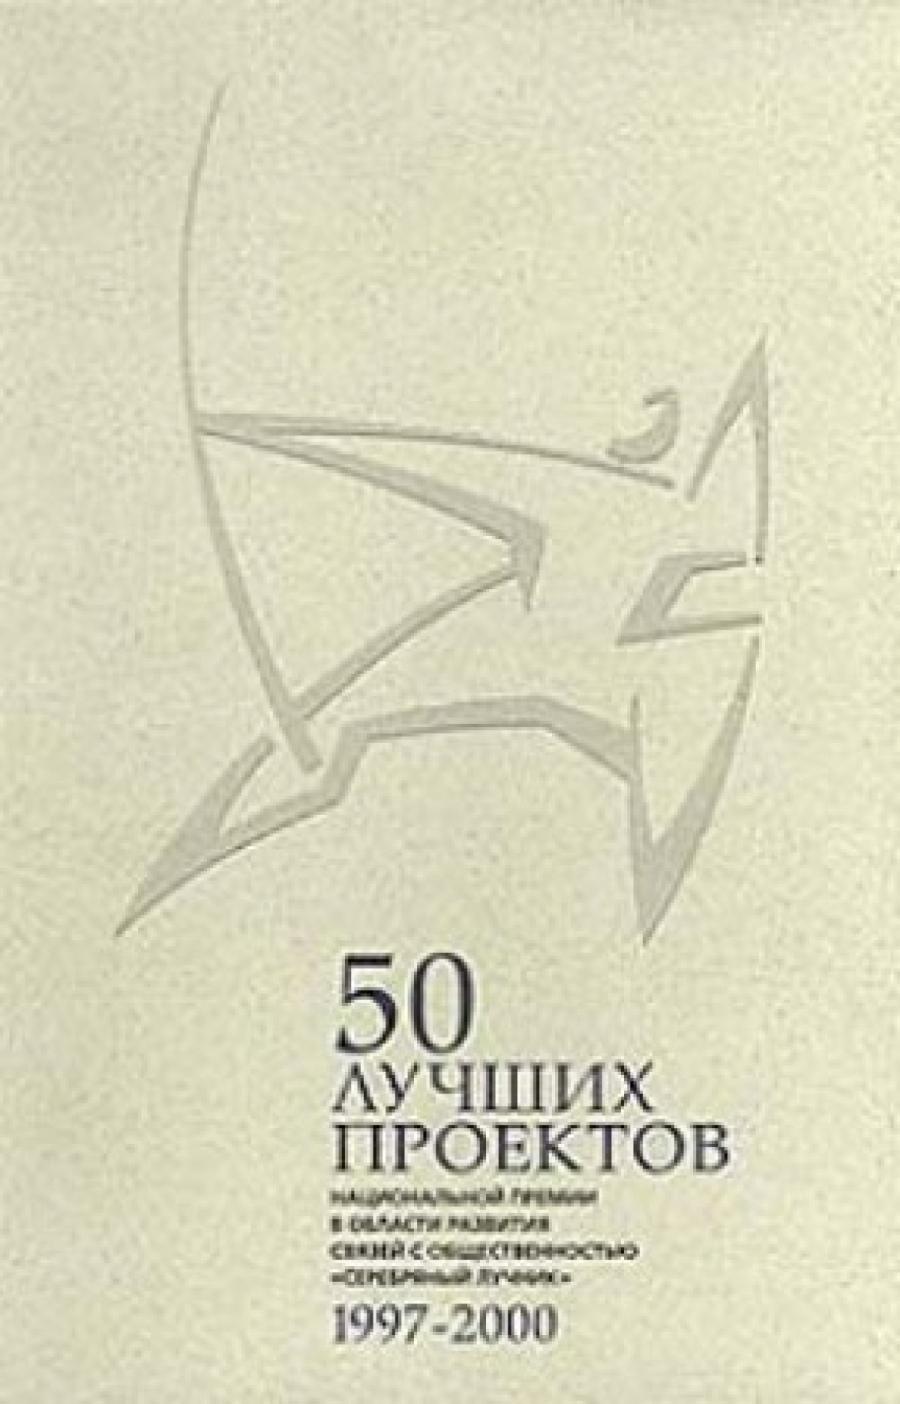 Обложка книги:  50 лучших проектов национальной премии в области пр `серебряный лучник` 1997-2000.